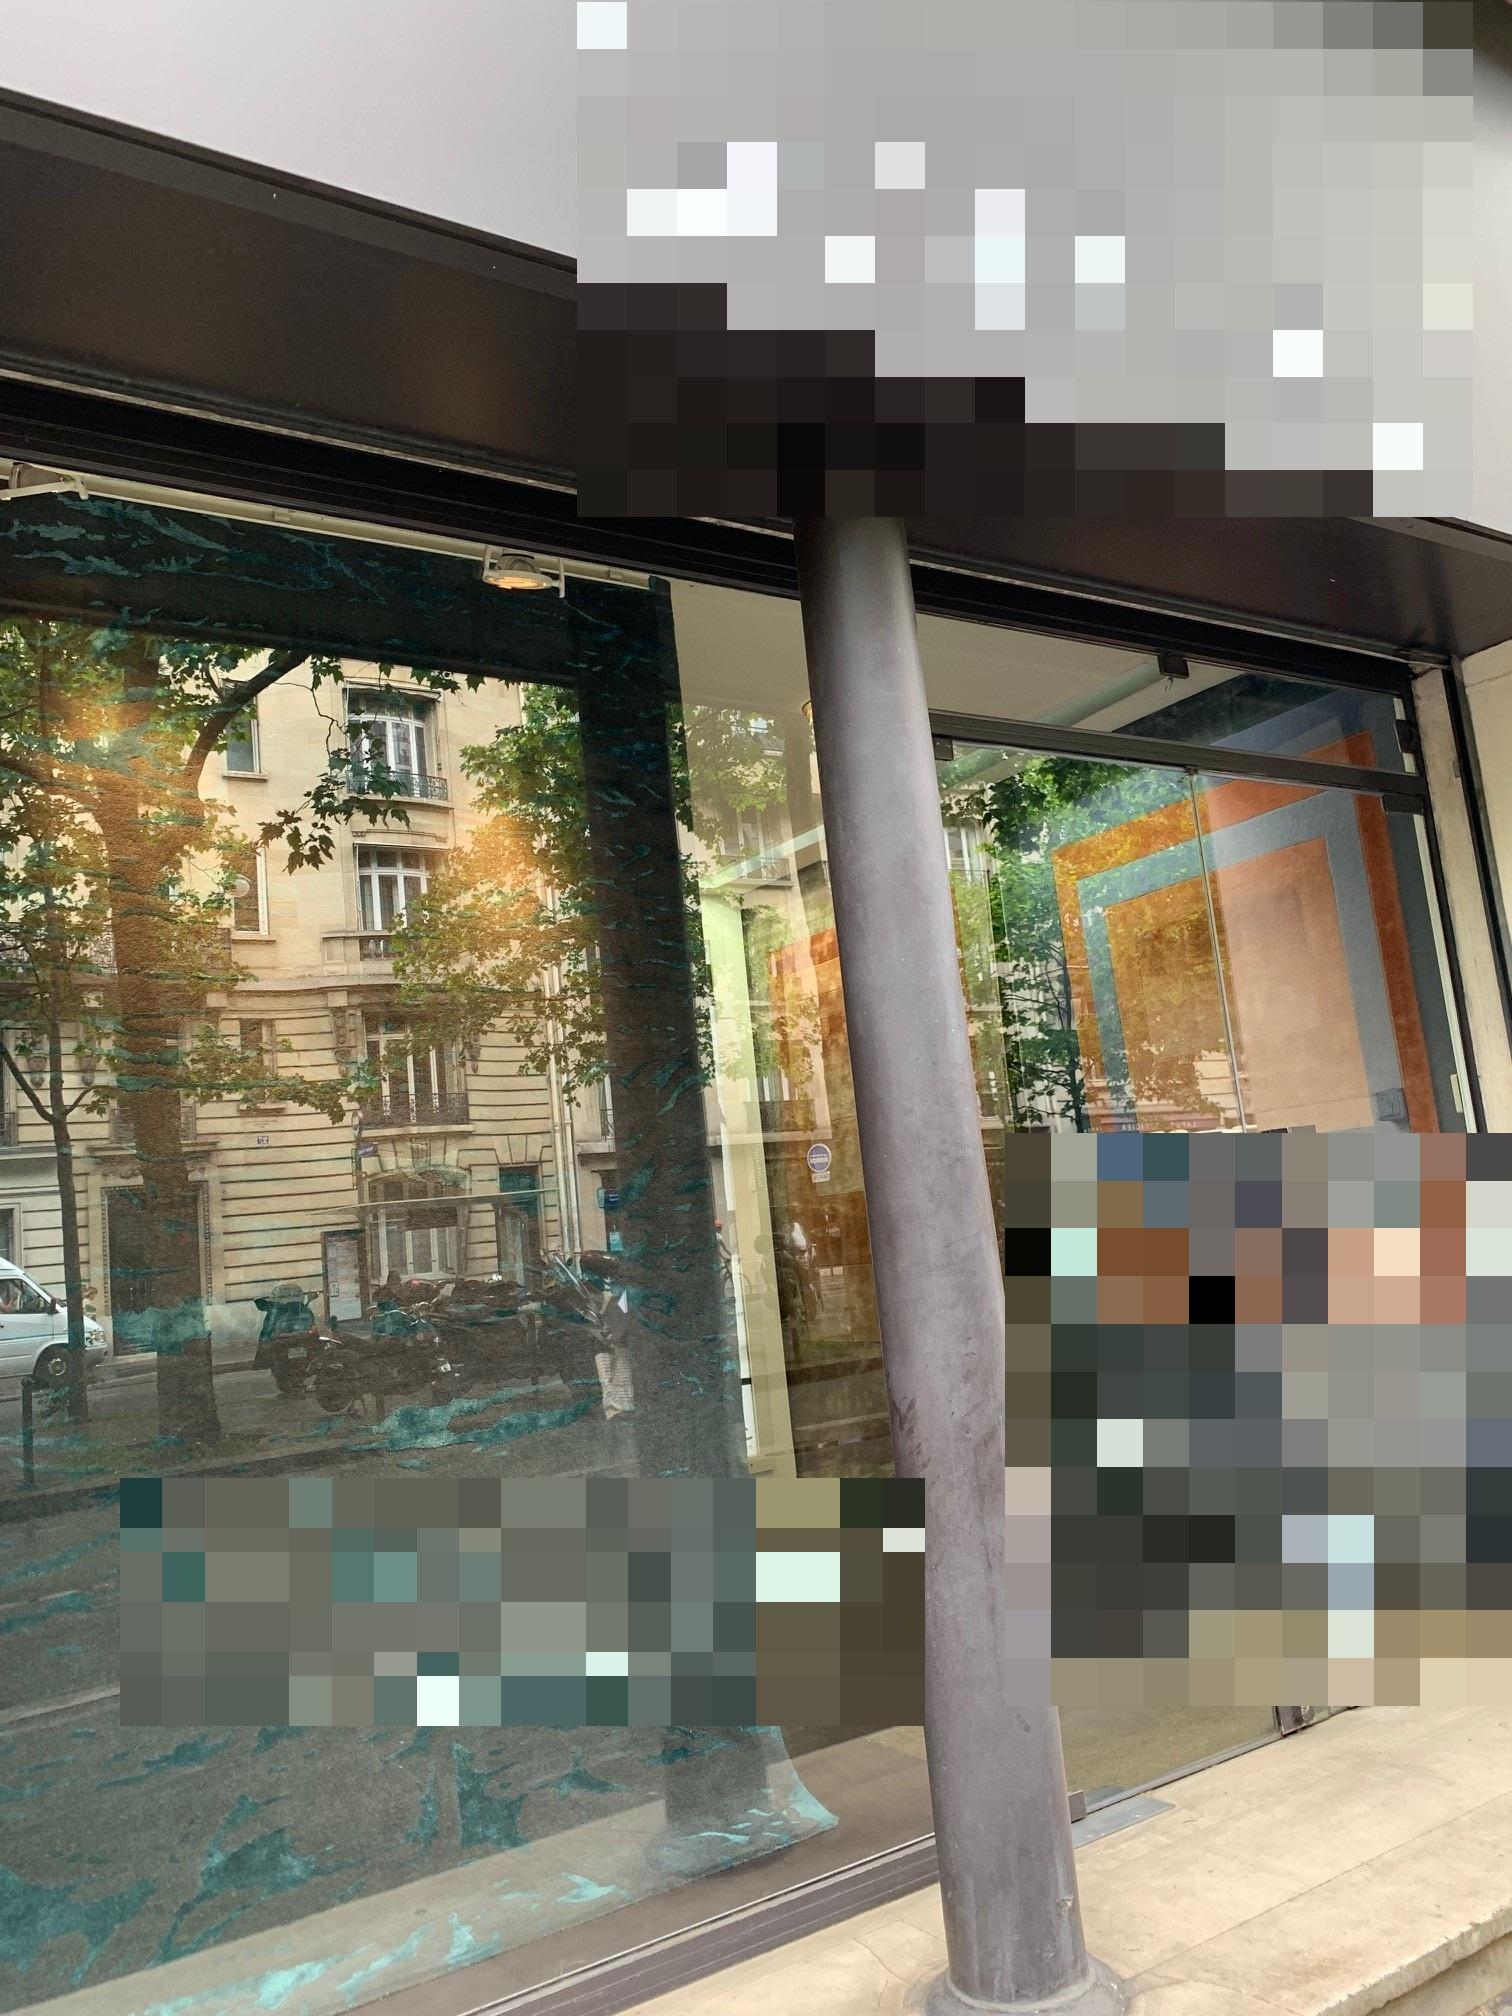 Vente Création, édition, diffusion, fabrication de tapis et revêtements de sols, 52 m2 à Paris 7ème (75007)